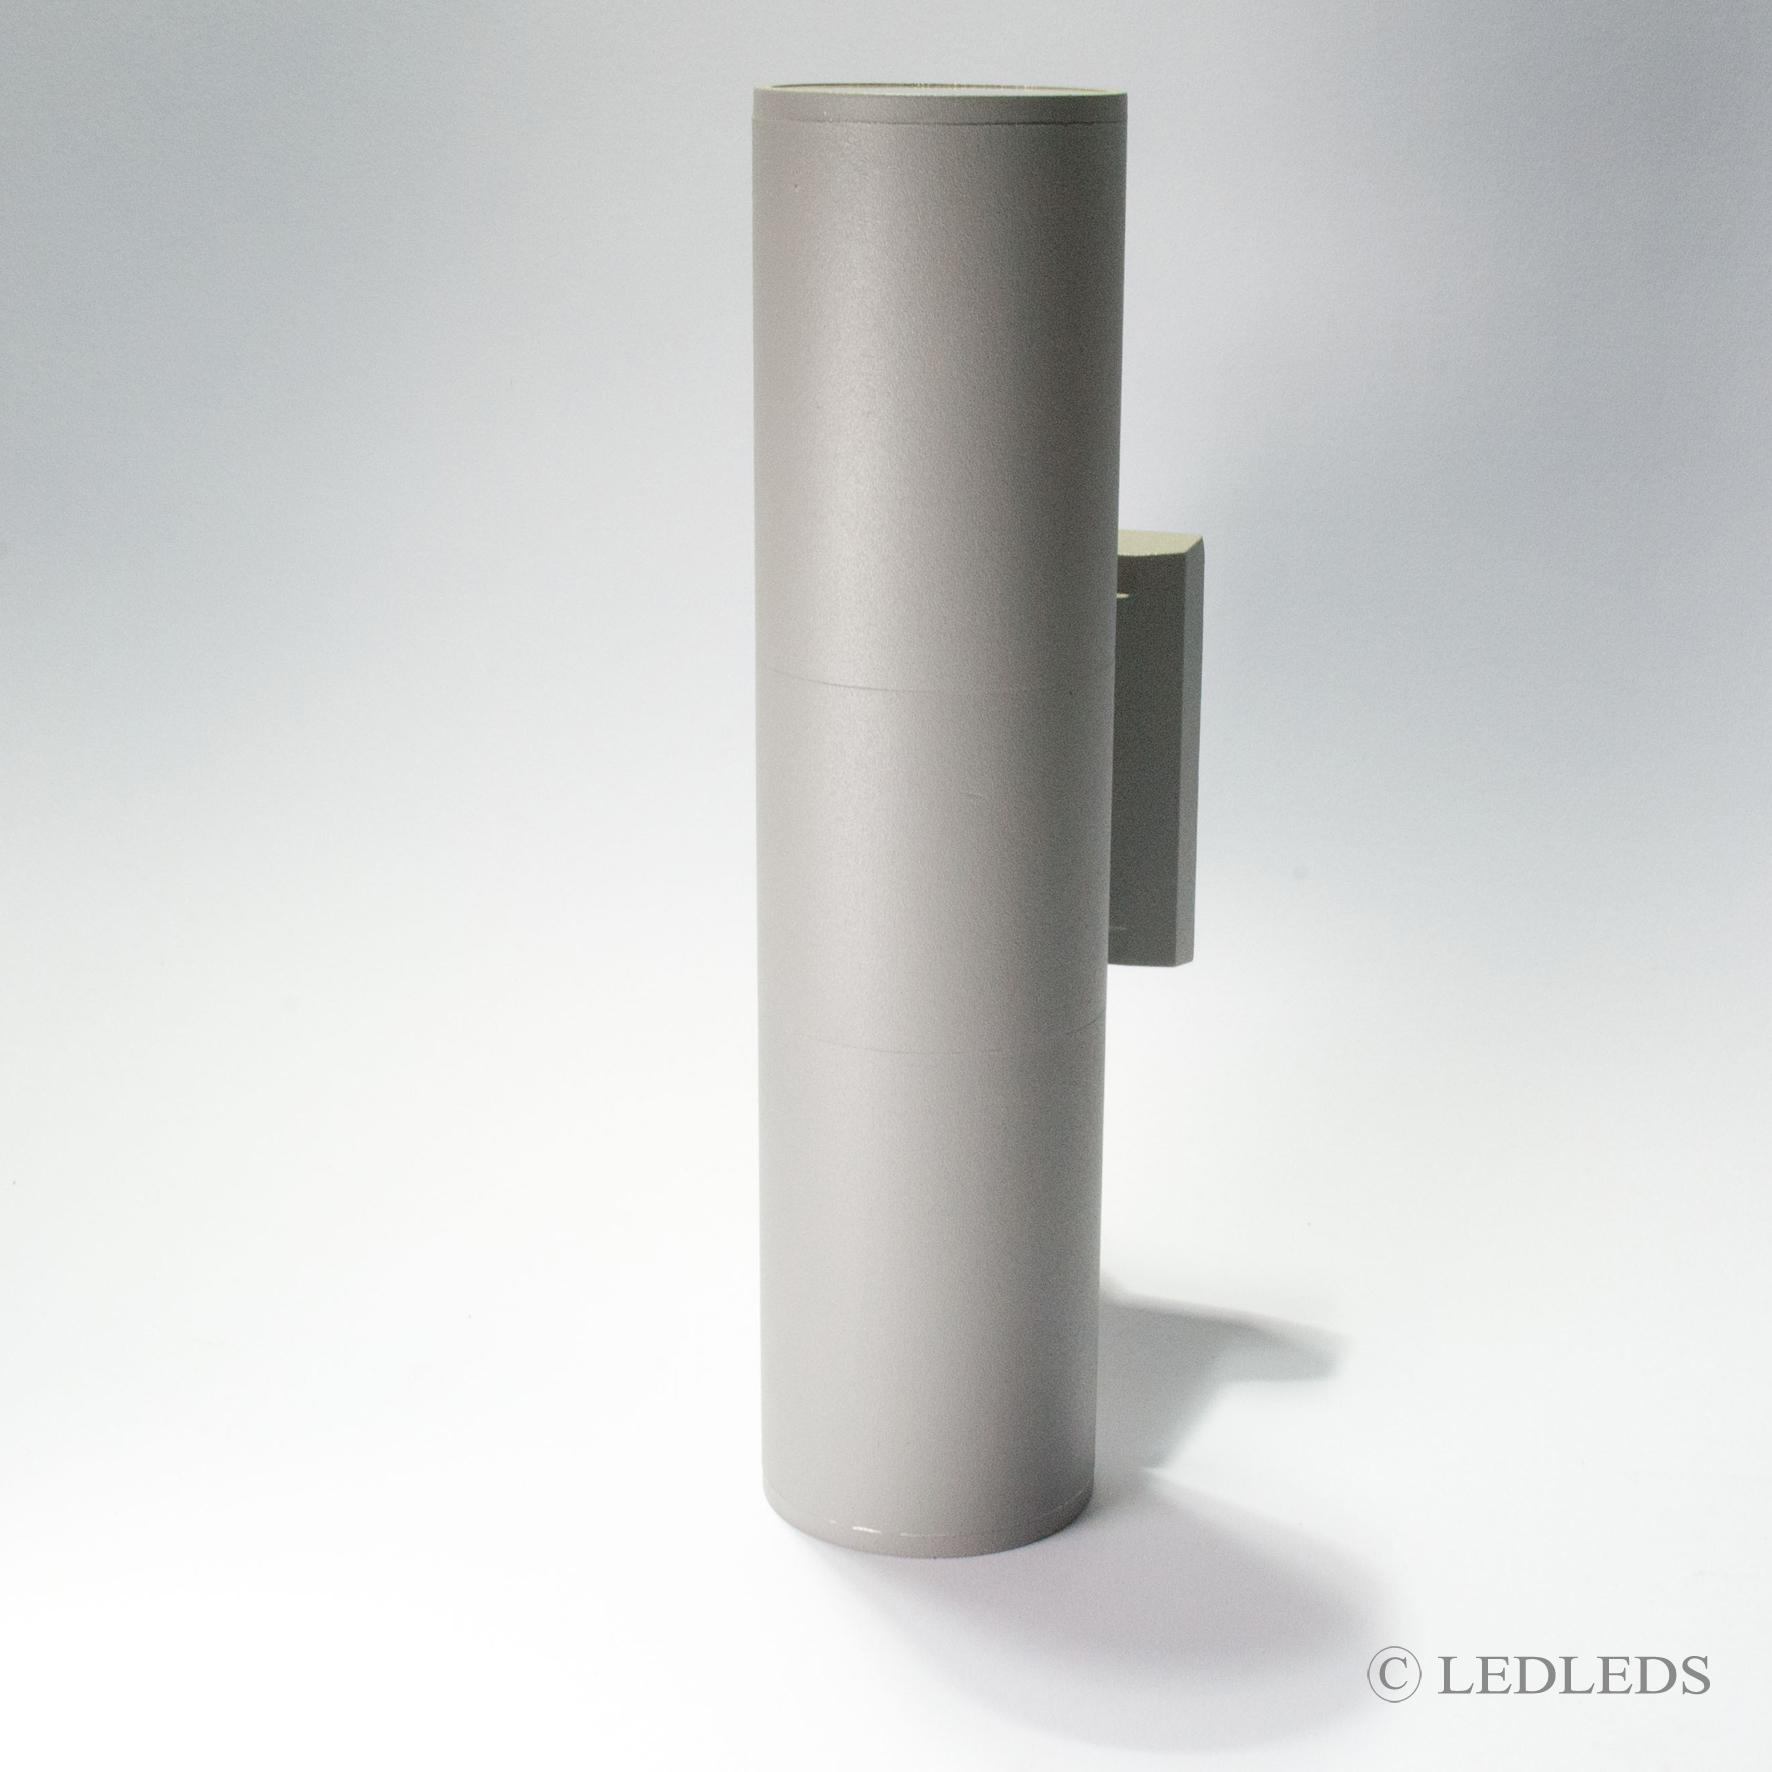 5886522   illuminazione led per esterni   ledleds   faro applique ...